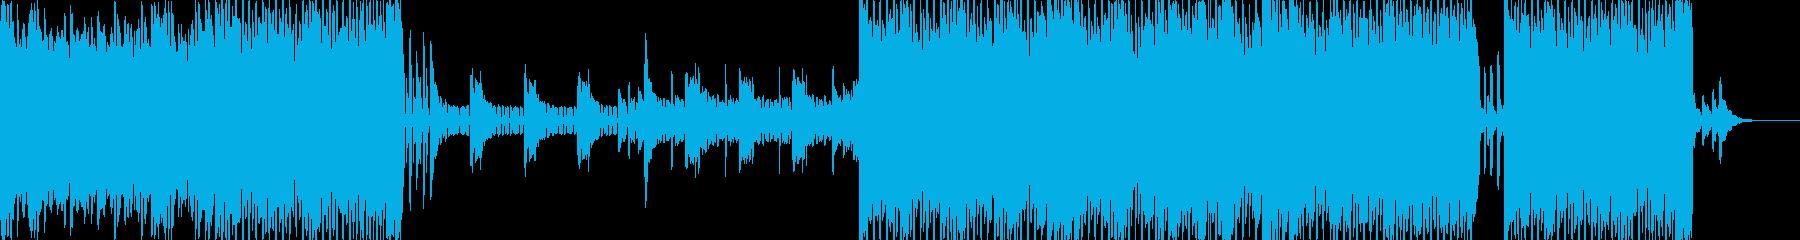 グルーヴ感のあるピアノ旋律が美しいテクノの再生済みの波形